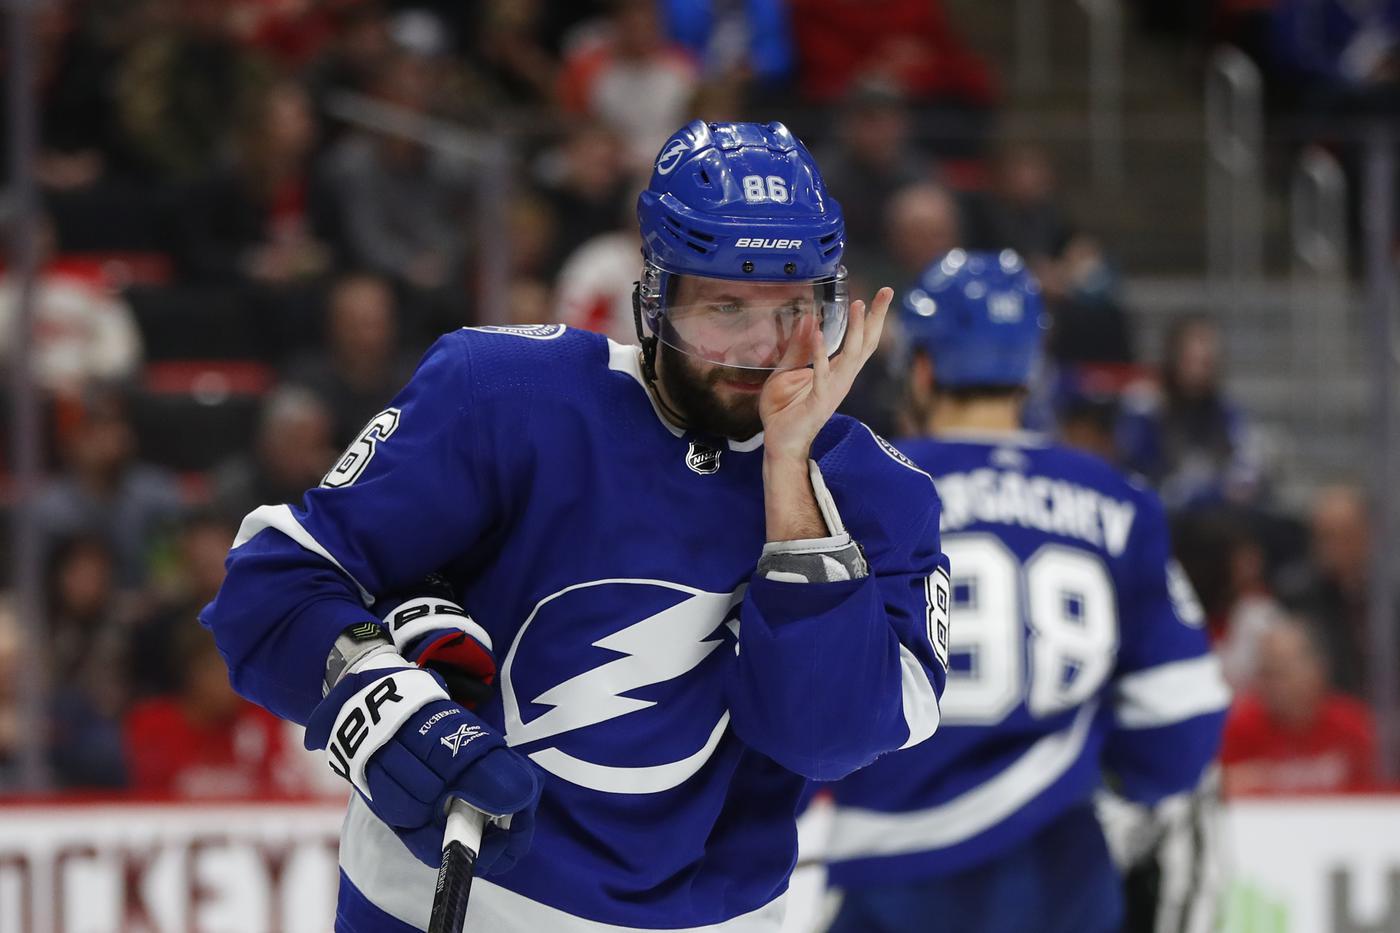 Россию ждет ночь кошмаров в Лас-Вегасе. Почему НХЛ ограбит Кучерова и Василевского - фото